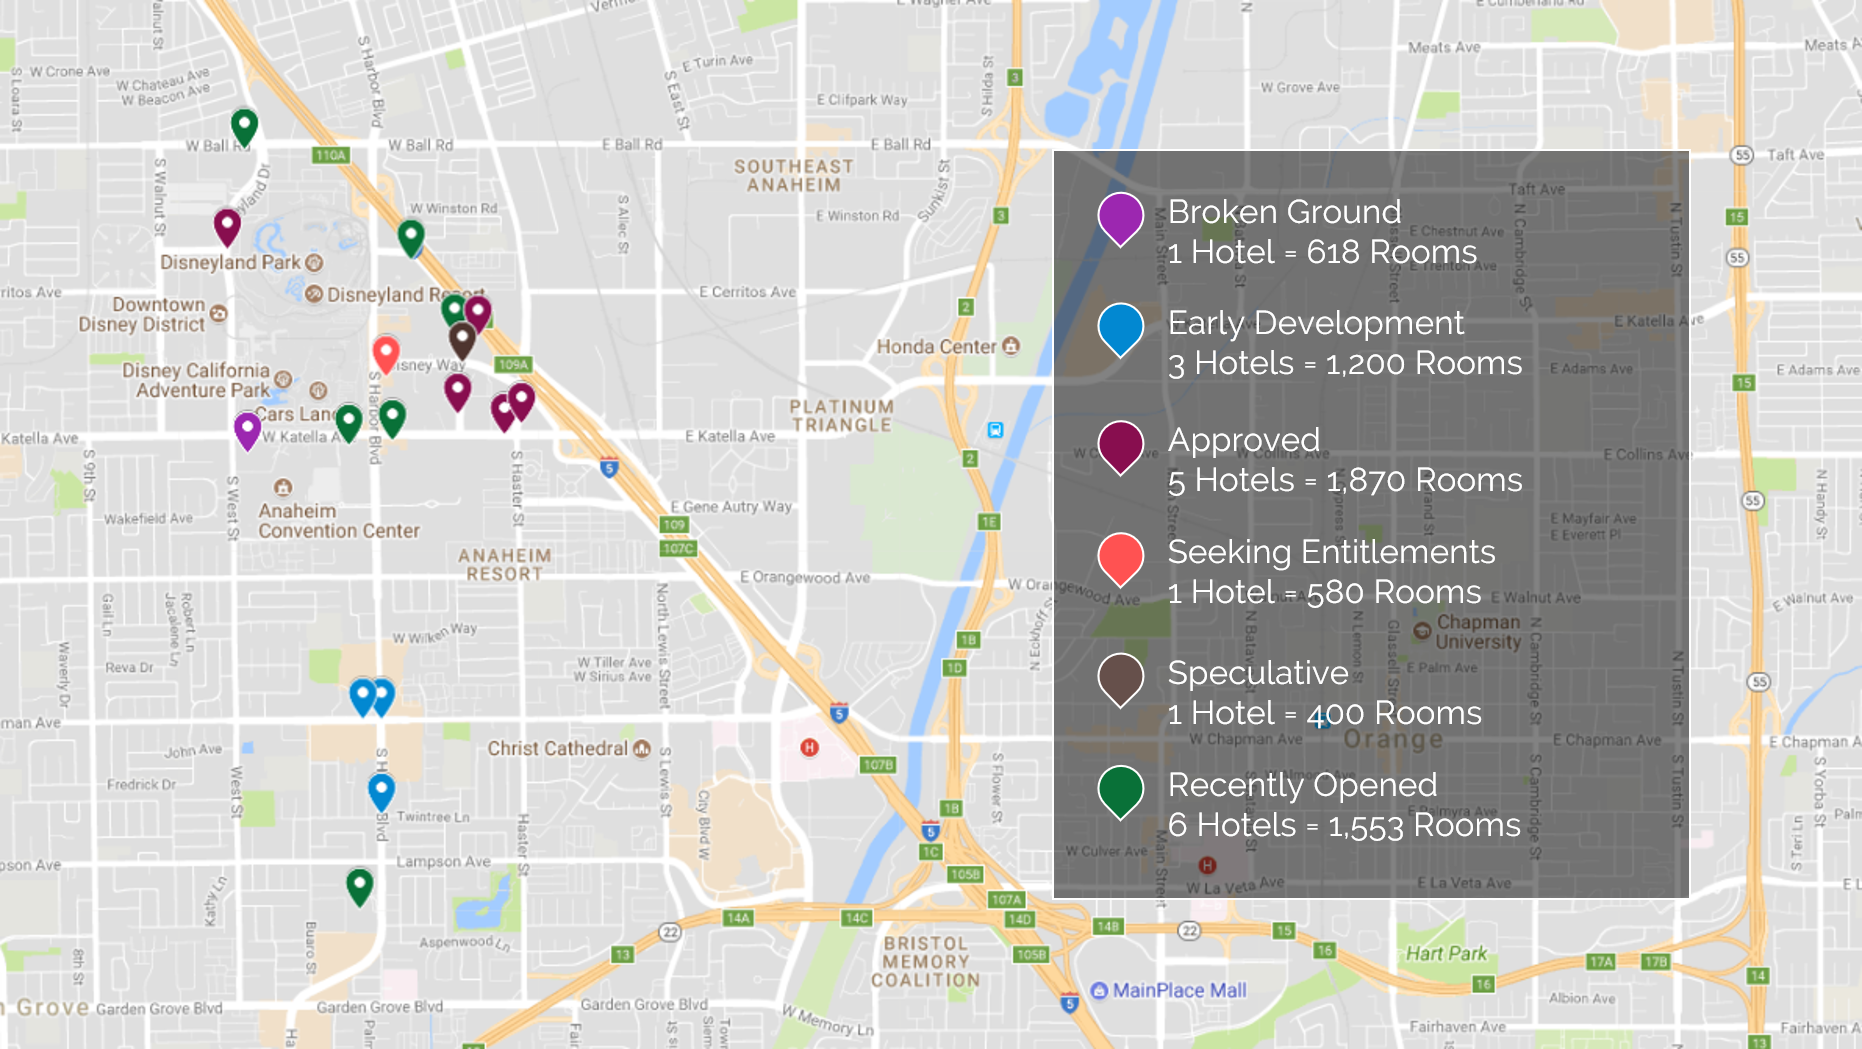 HVS | Market Pulse: Anaheim/Garden Grove Map Of Anaheim Hotels on crowne plaza anaheim, map of harbor blvd anaheim, weather anaheim,